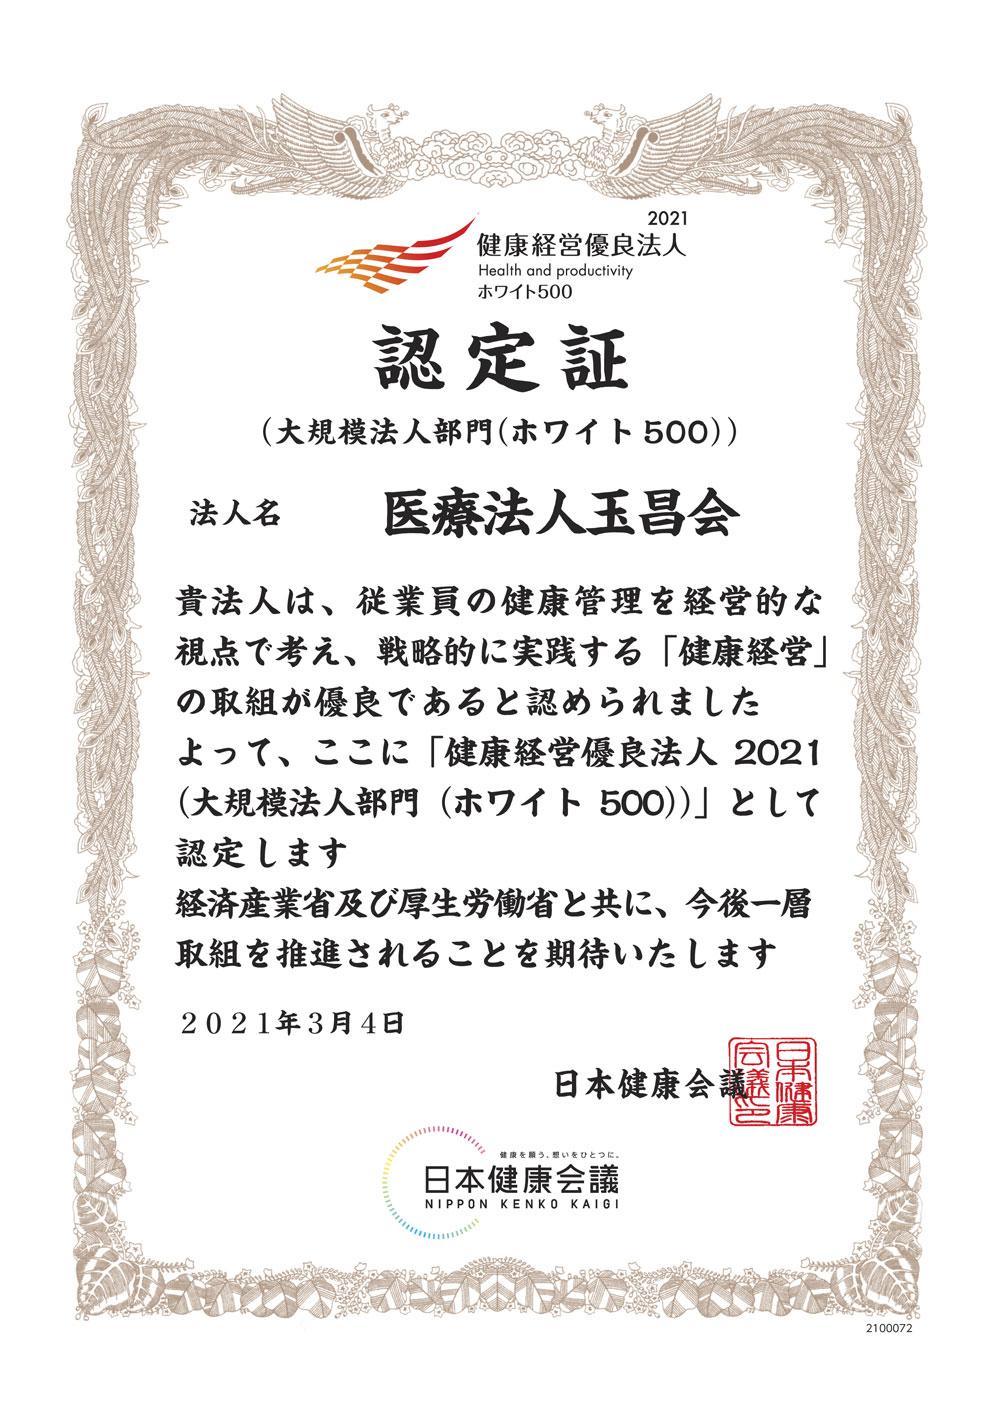 2100072_医療法人玉昌会.jpg